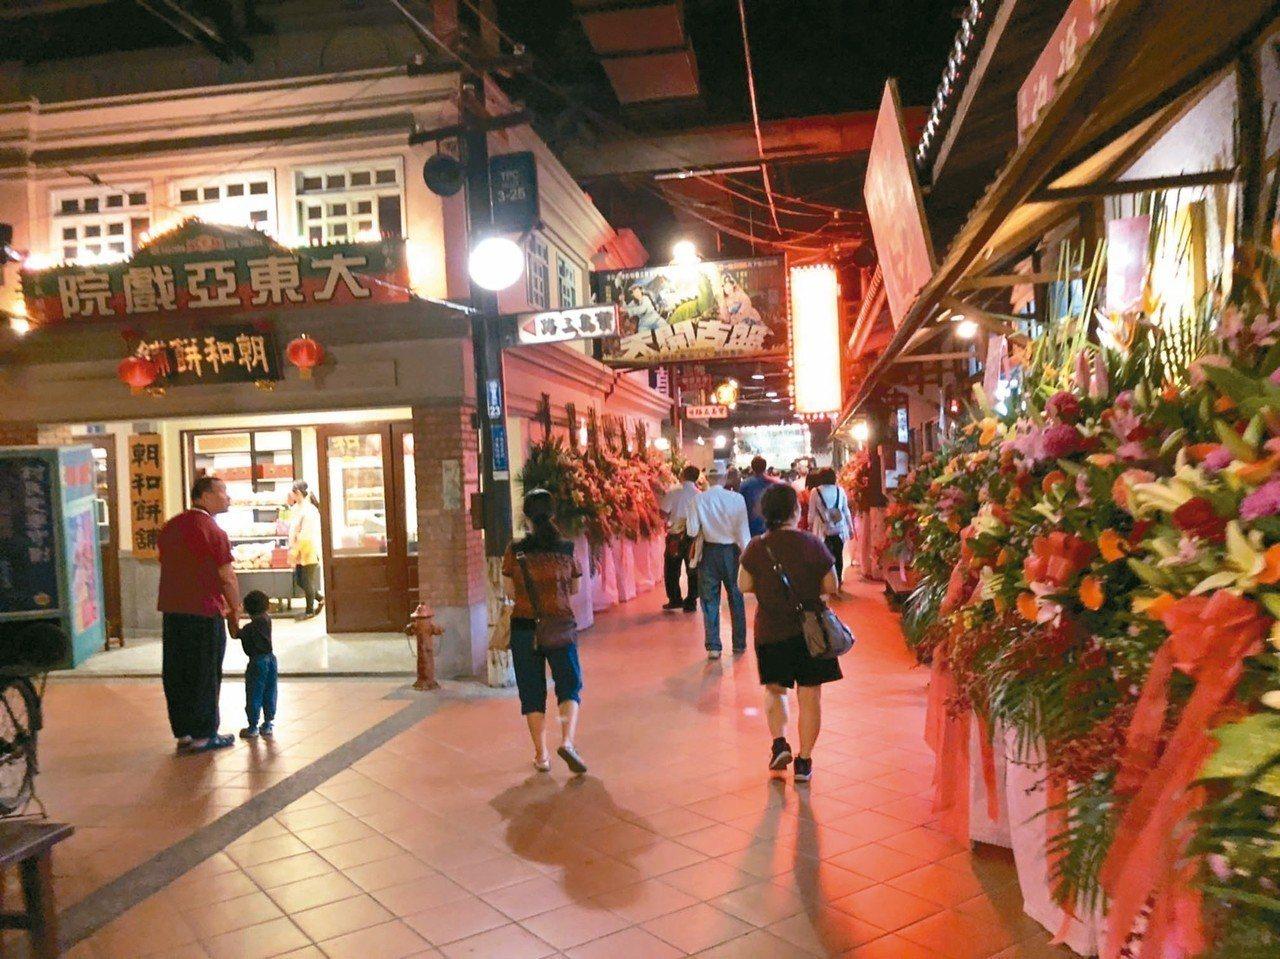 寶島時代村重新開幕,台灣早期生活懷舊景觀重現。 記者江良誠/攝影